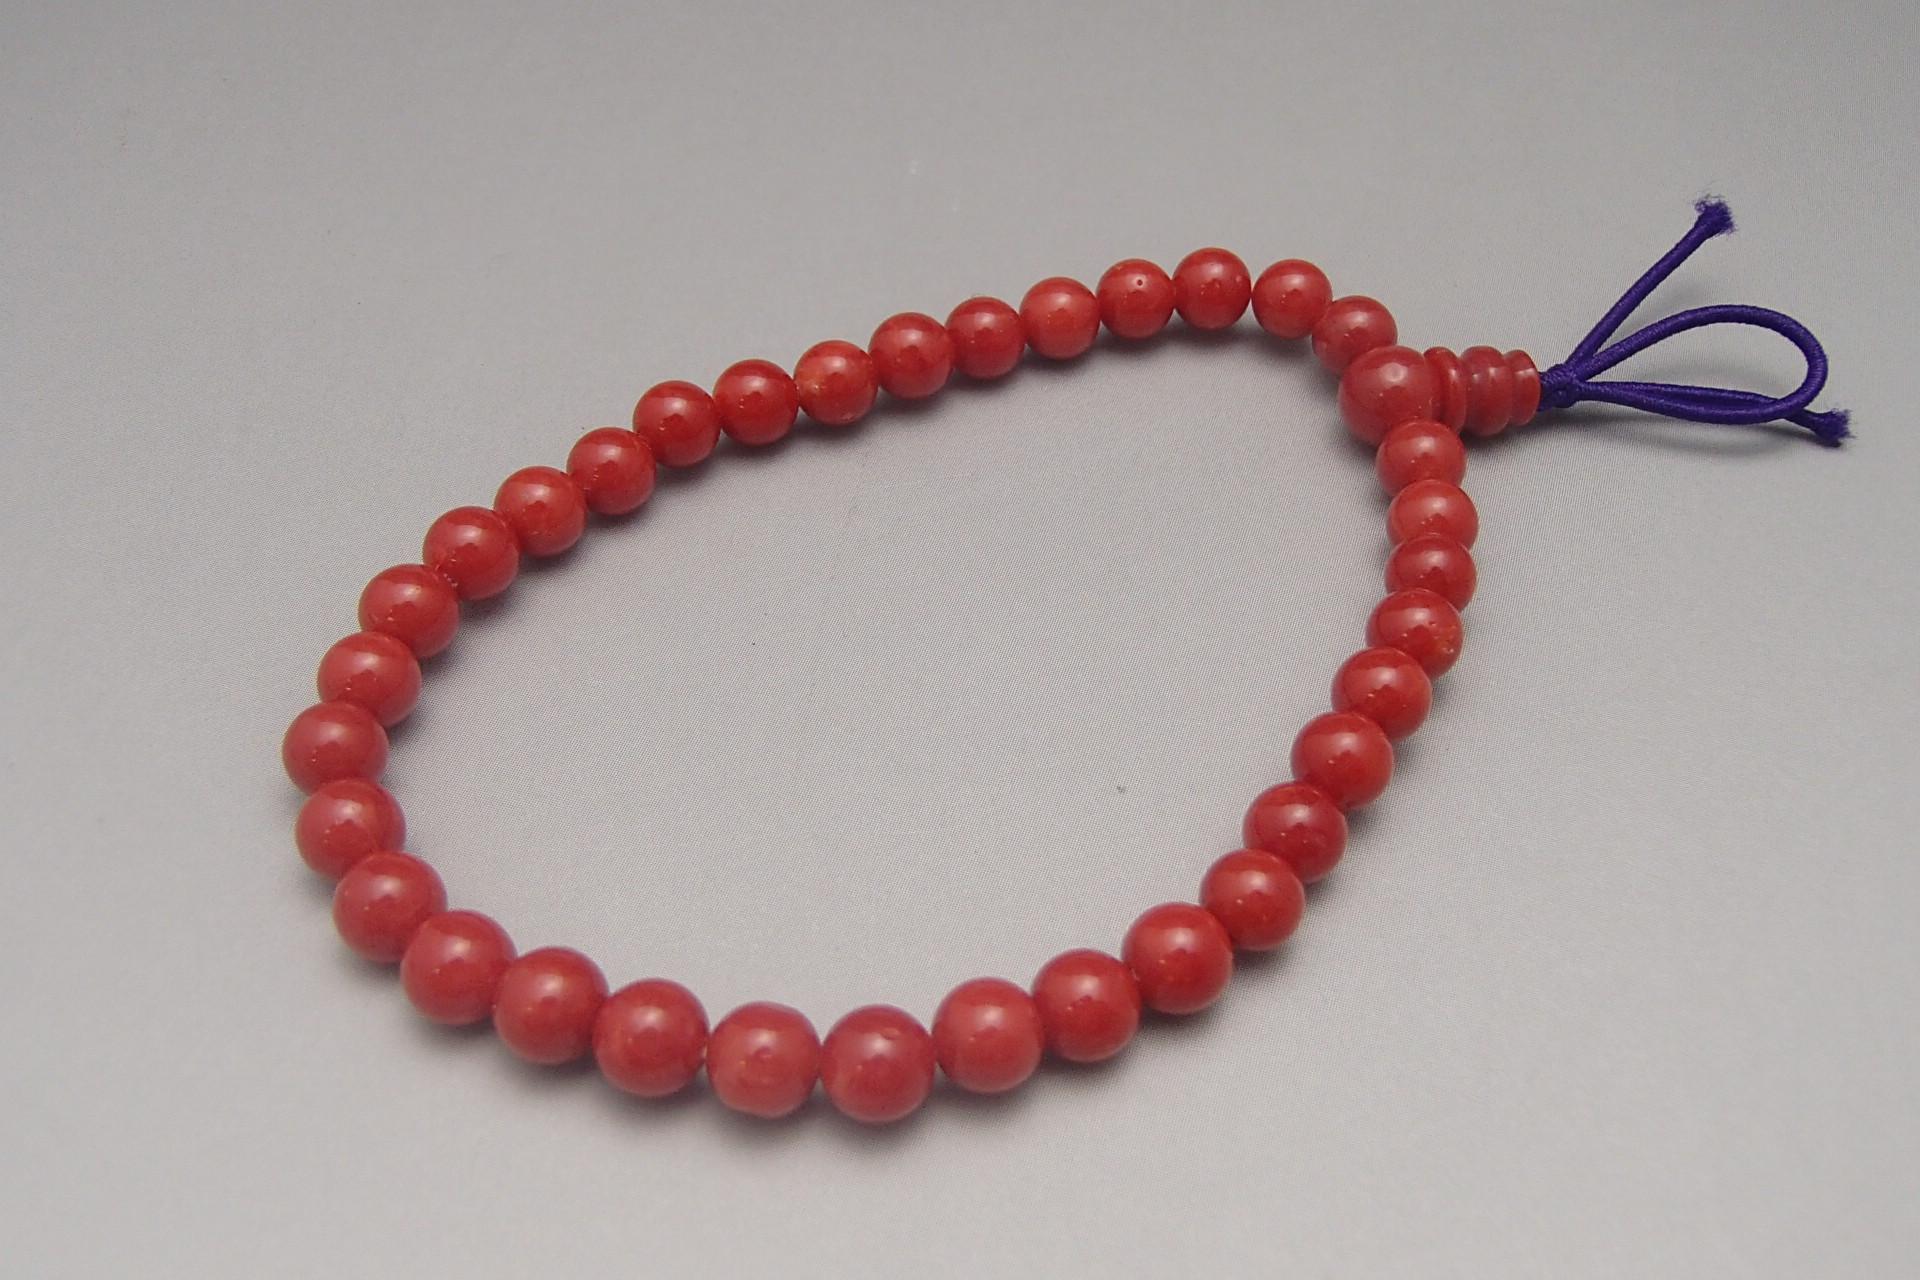 【オーナー必見】赤珊瑚ネックレス買取額を増やす方法を書いてみた⁈